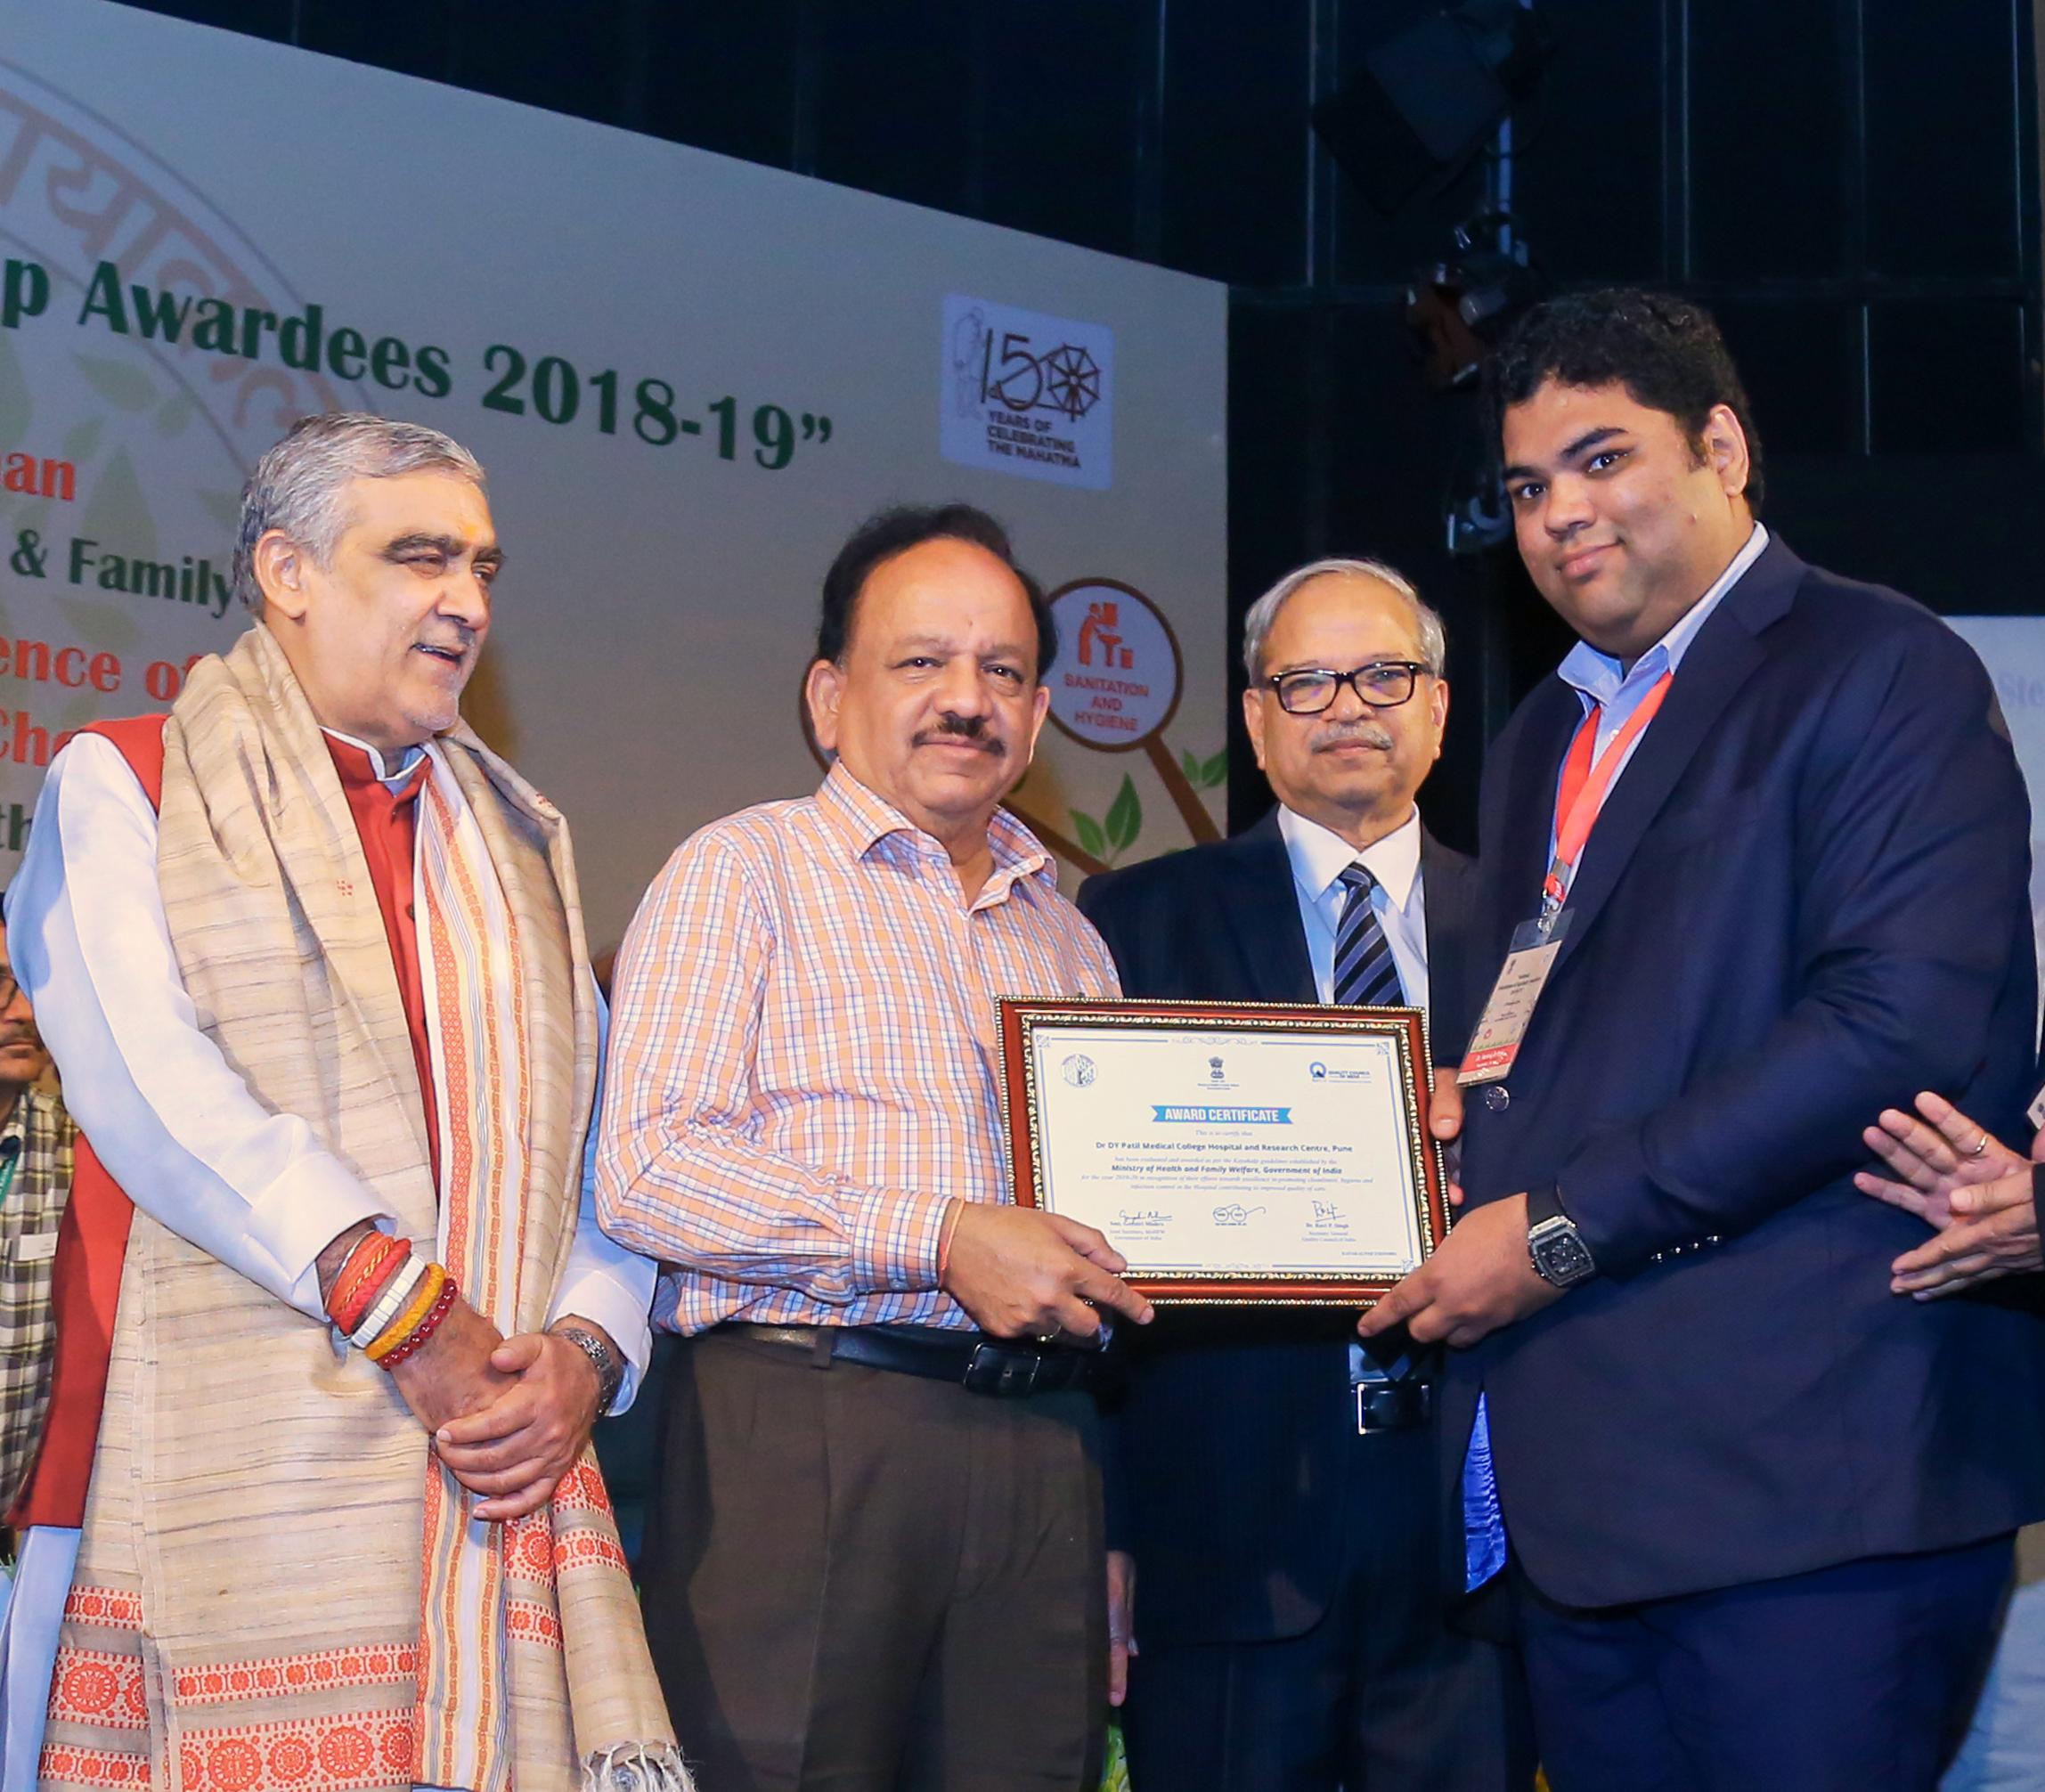 राष्ट्रीय सर्वेक्षणात पिंपरीचे डॉ. डी. वाय. पाटील हॉस्पिटल देशात सर्वोत्तम